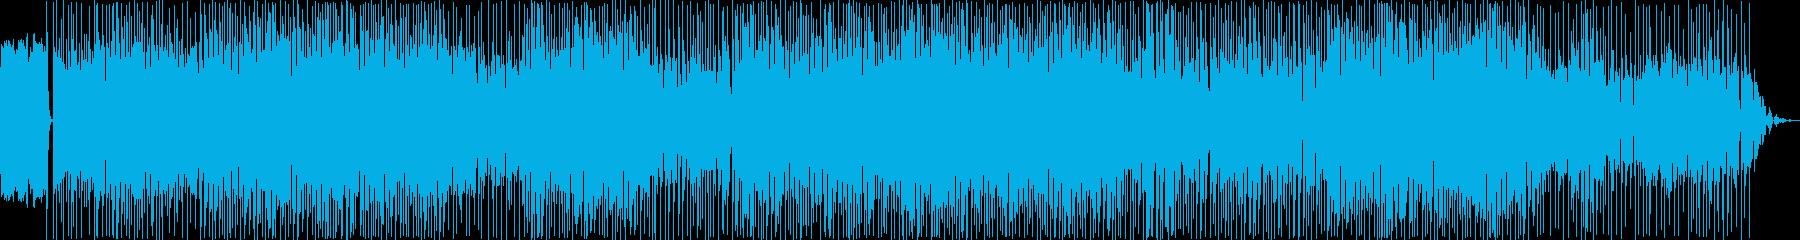 ノリの良い踊れるテクノミュージックの再生済みの波形